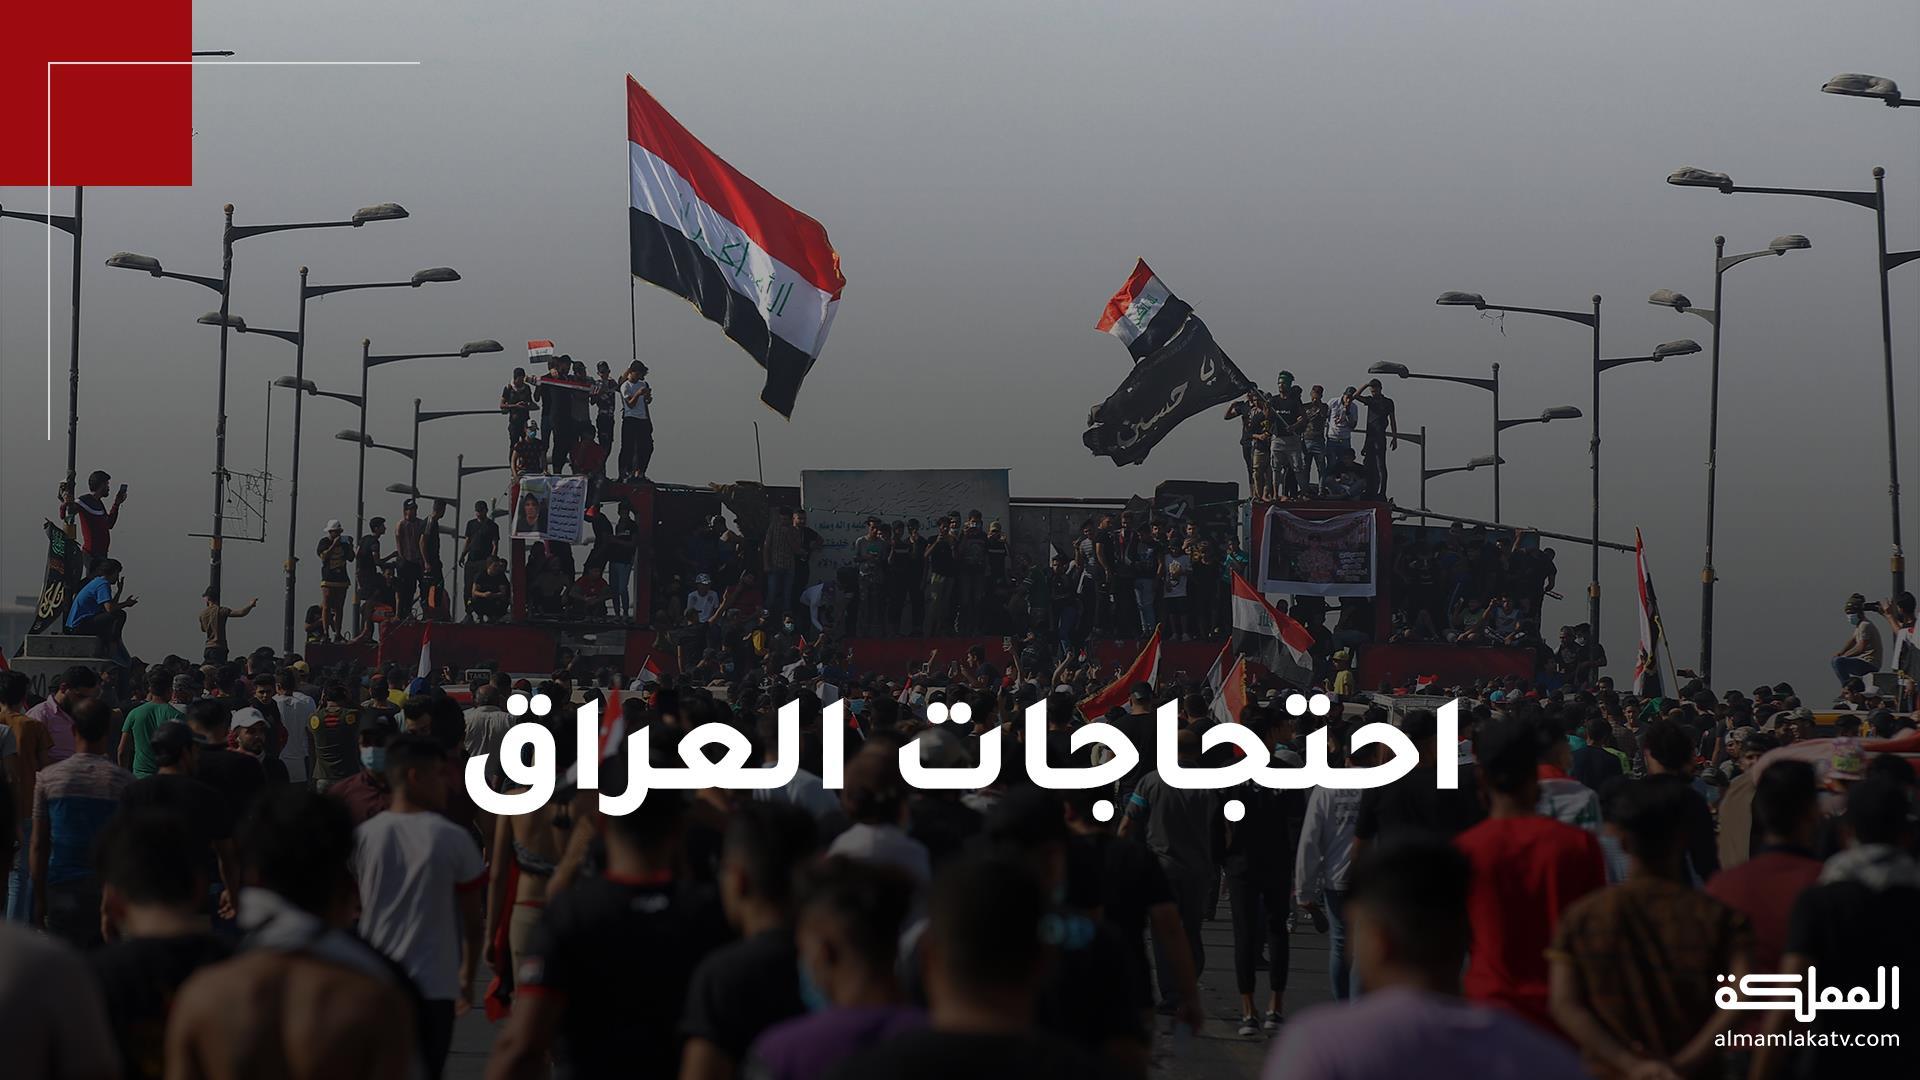 الاحتجاجات في العراق تتجدد